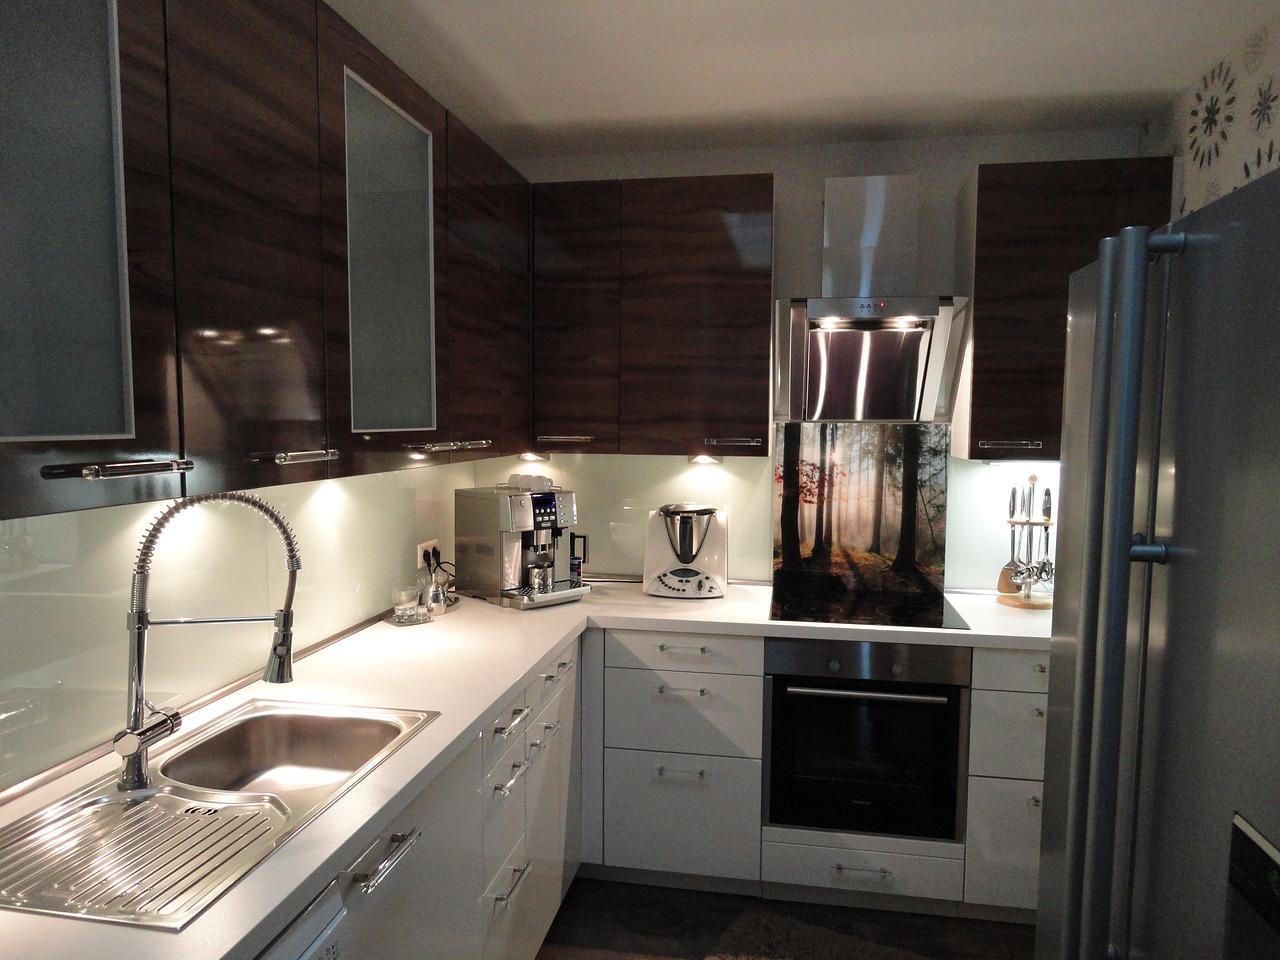 kitchen-1725824_1280